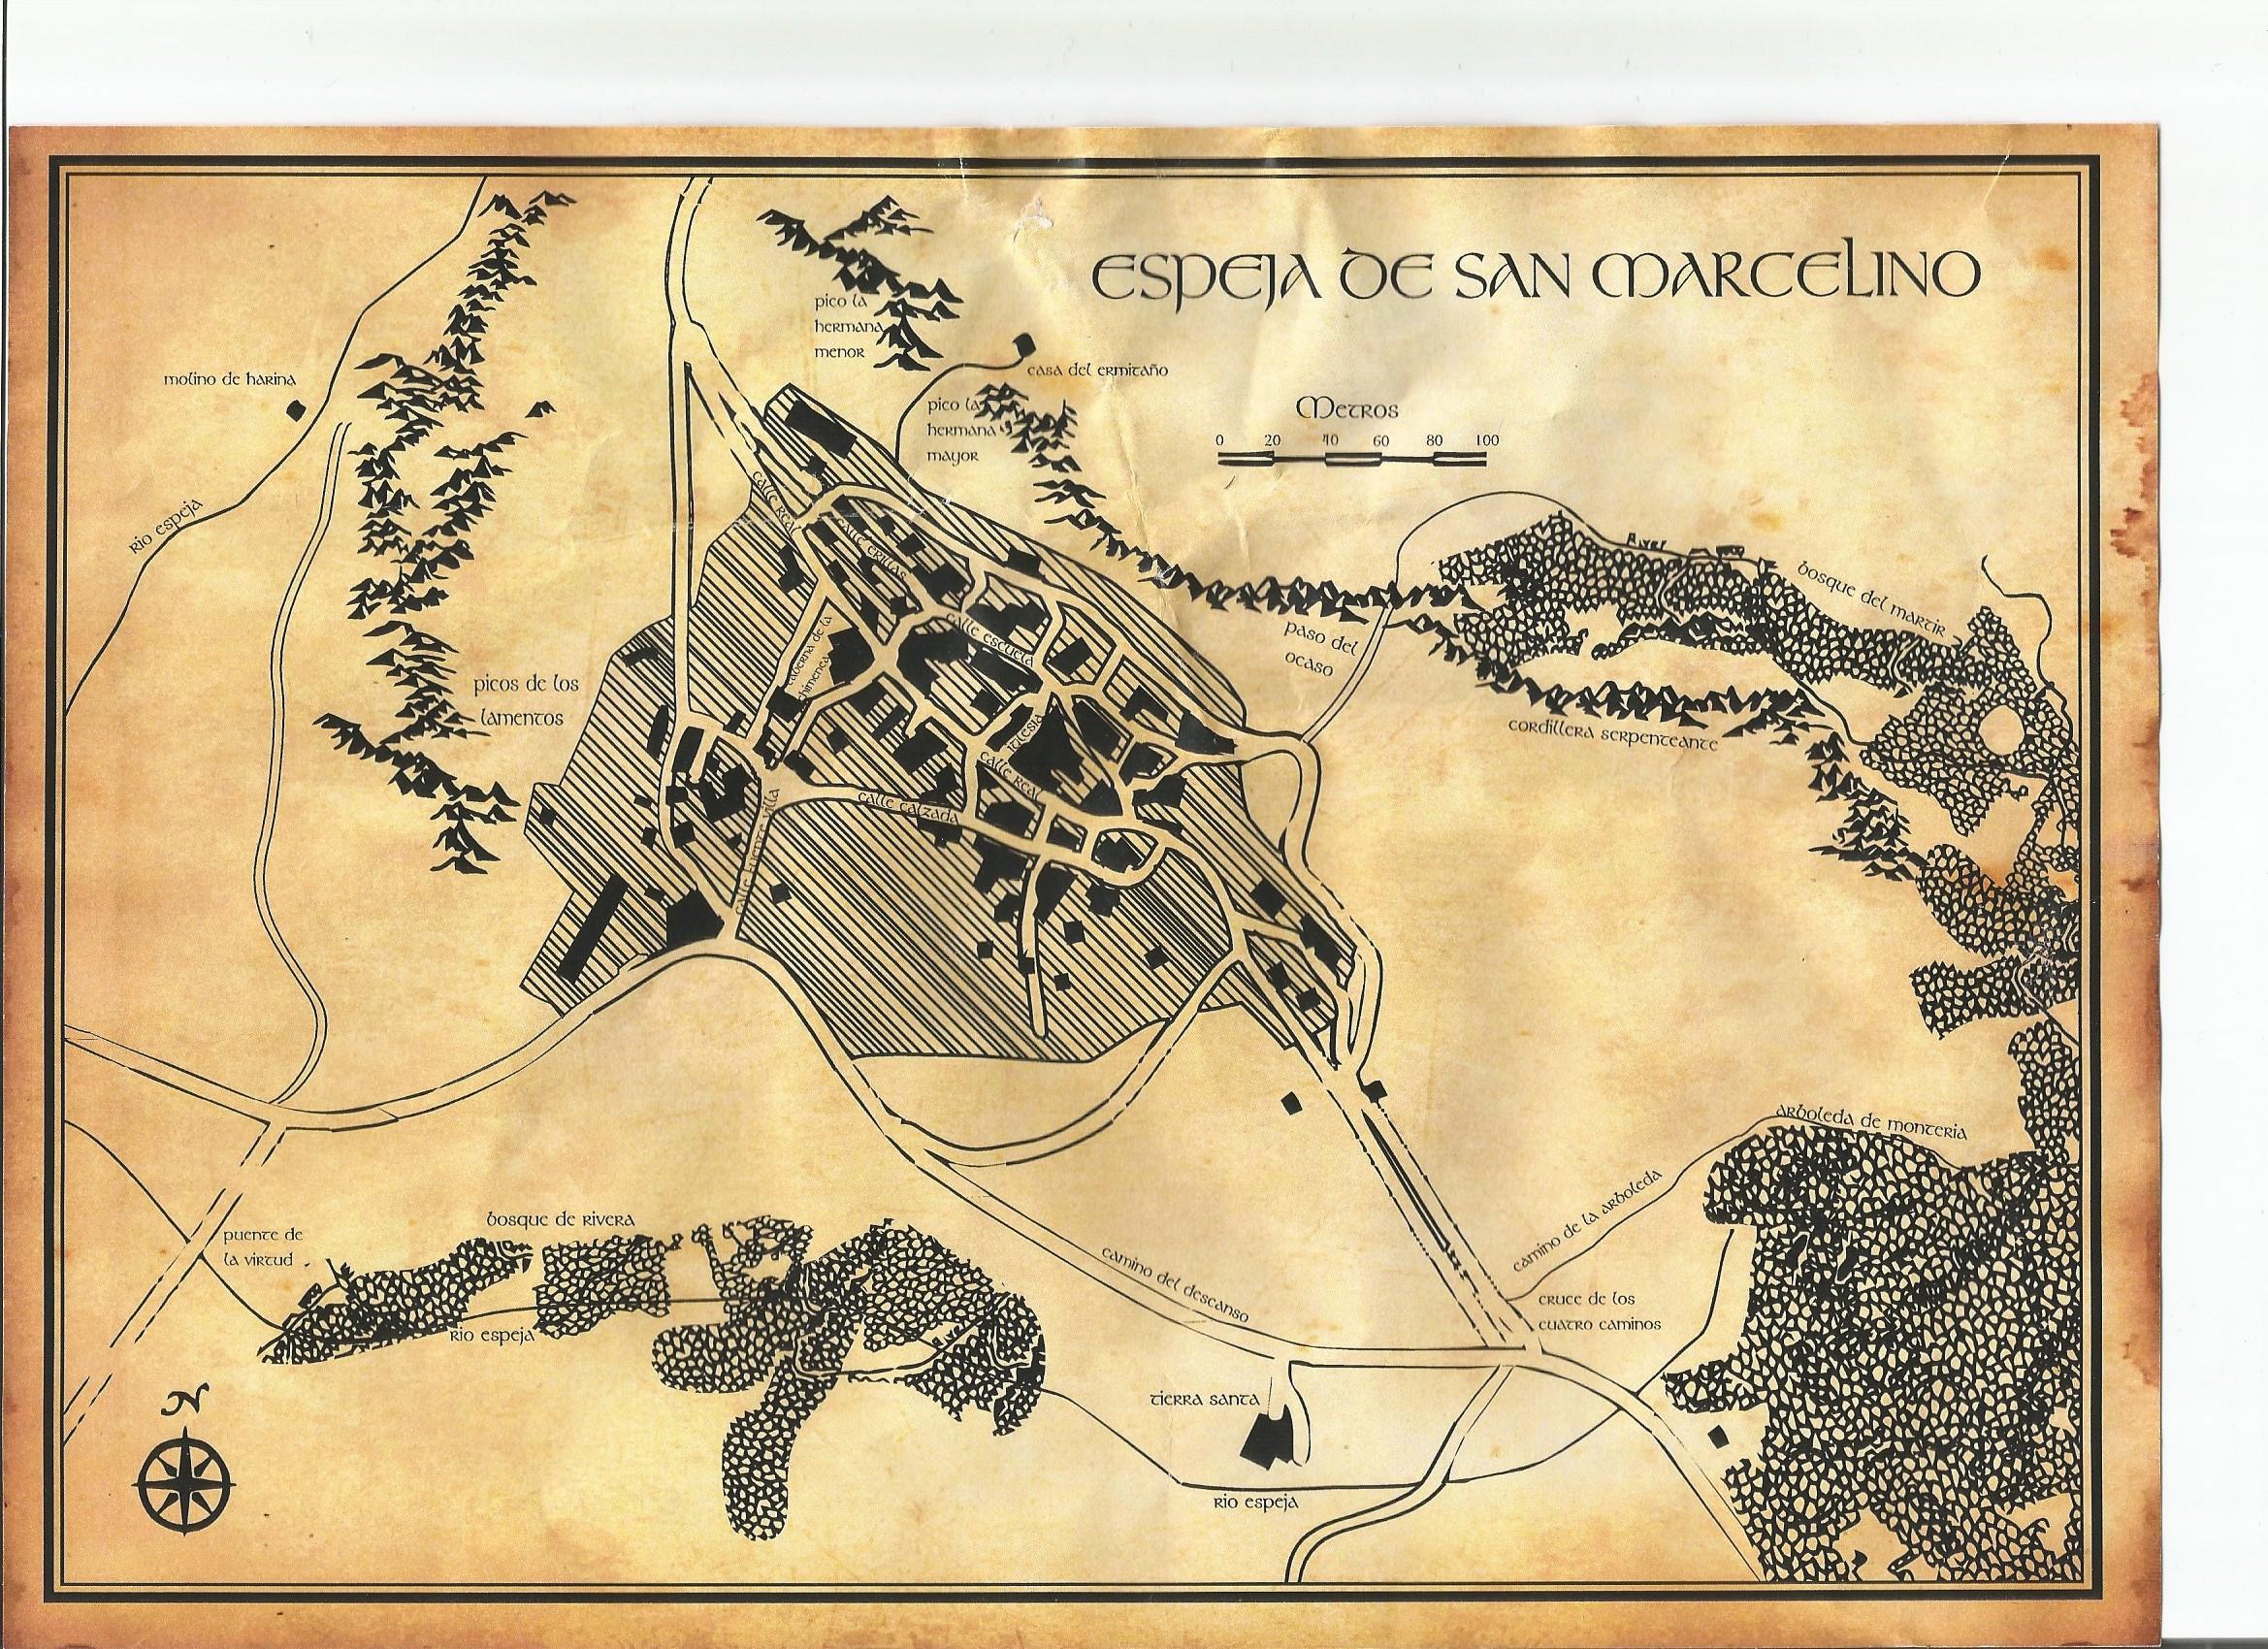 mapa fantástico búsqueda del tesoro soria Espeja de san marcelino